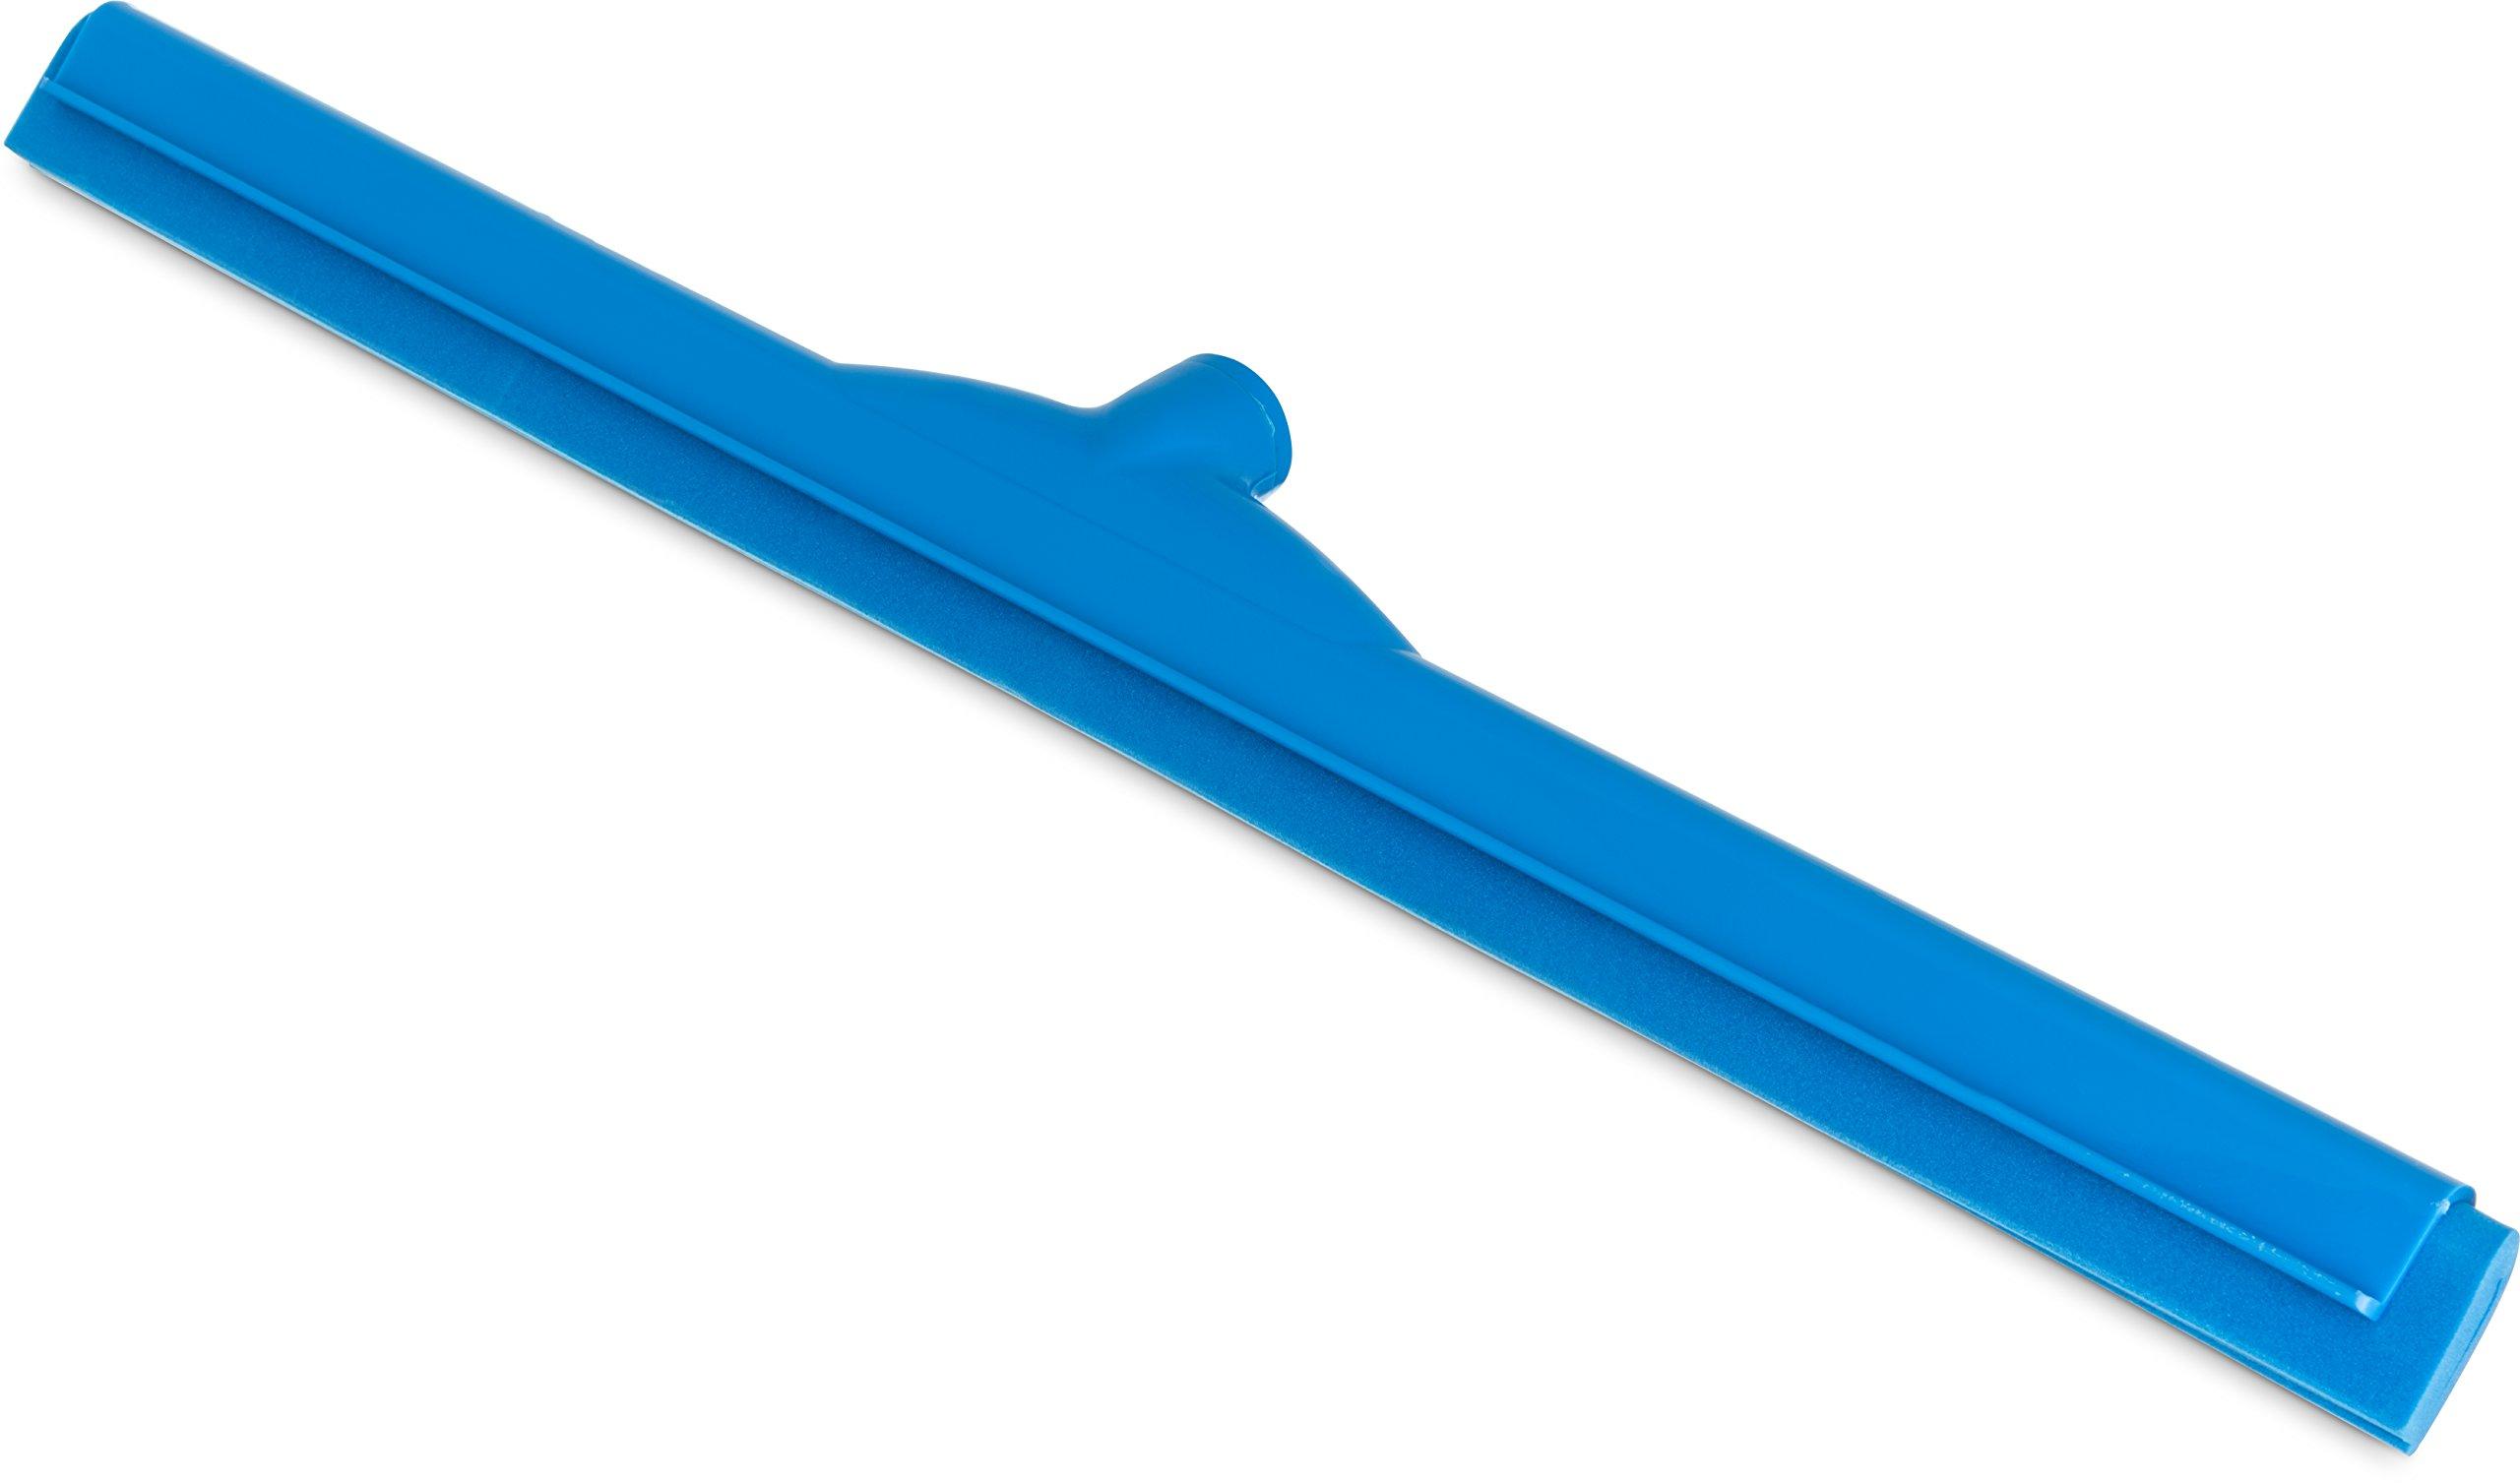 Carlisle 4156814 Spectrum Double Foam Rubber Hygienic Floor Squeegee, 24'' Width, Blue (Case of 6)